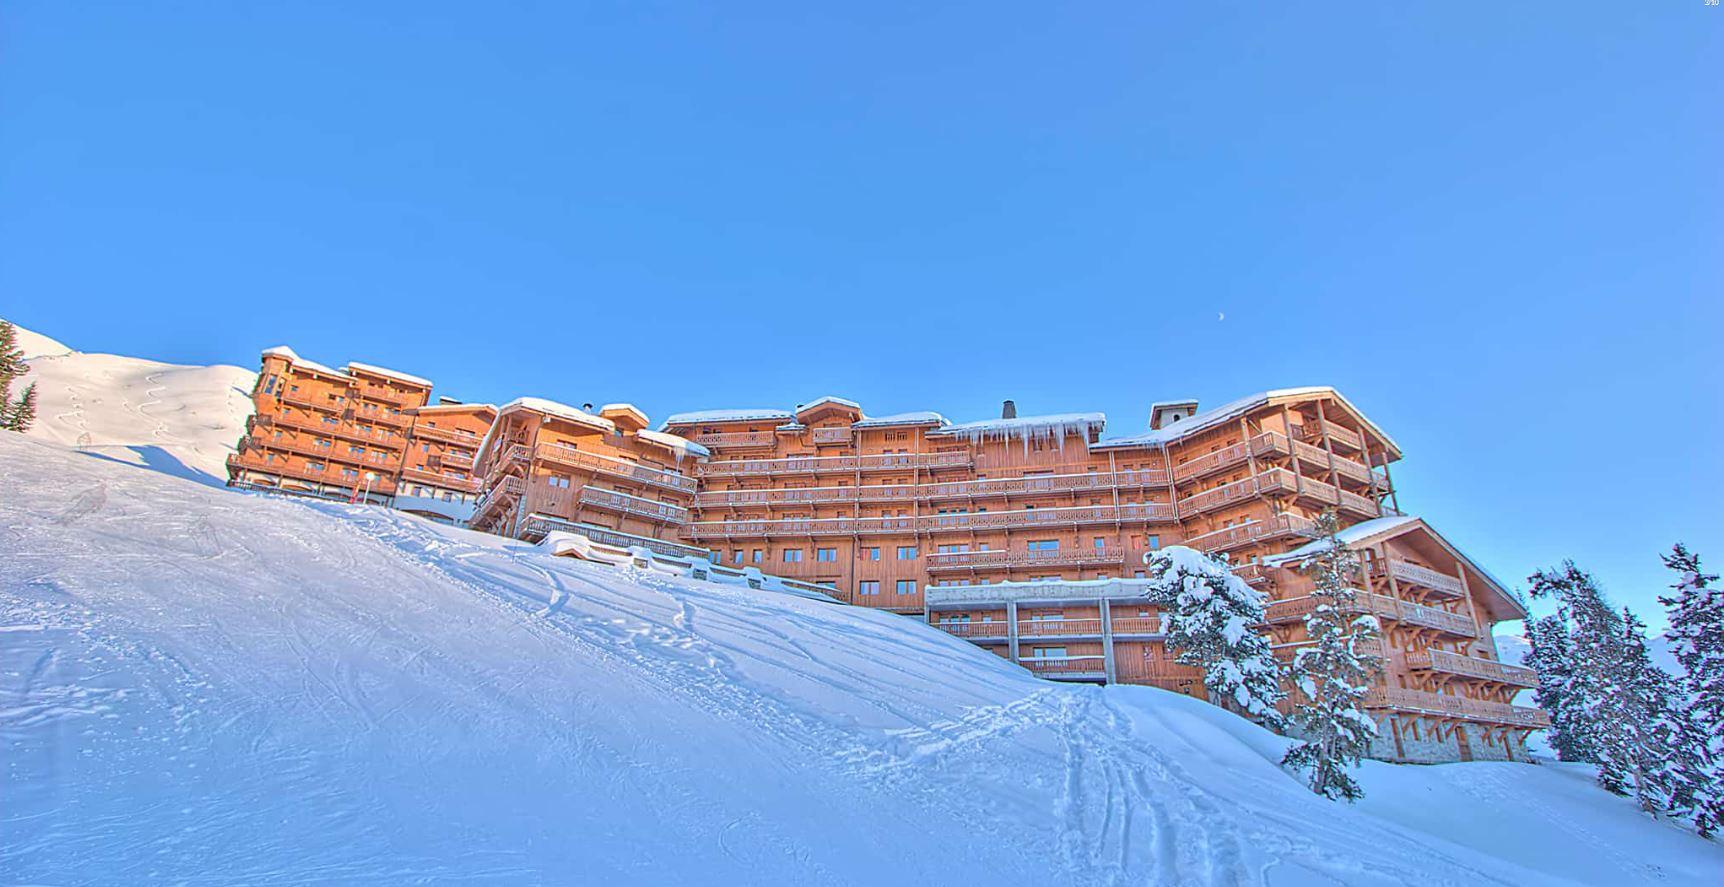 Ski in ski out at Les Balcons de Belle Plagne